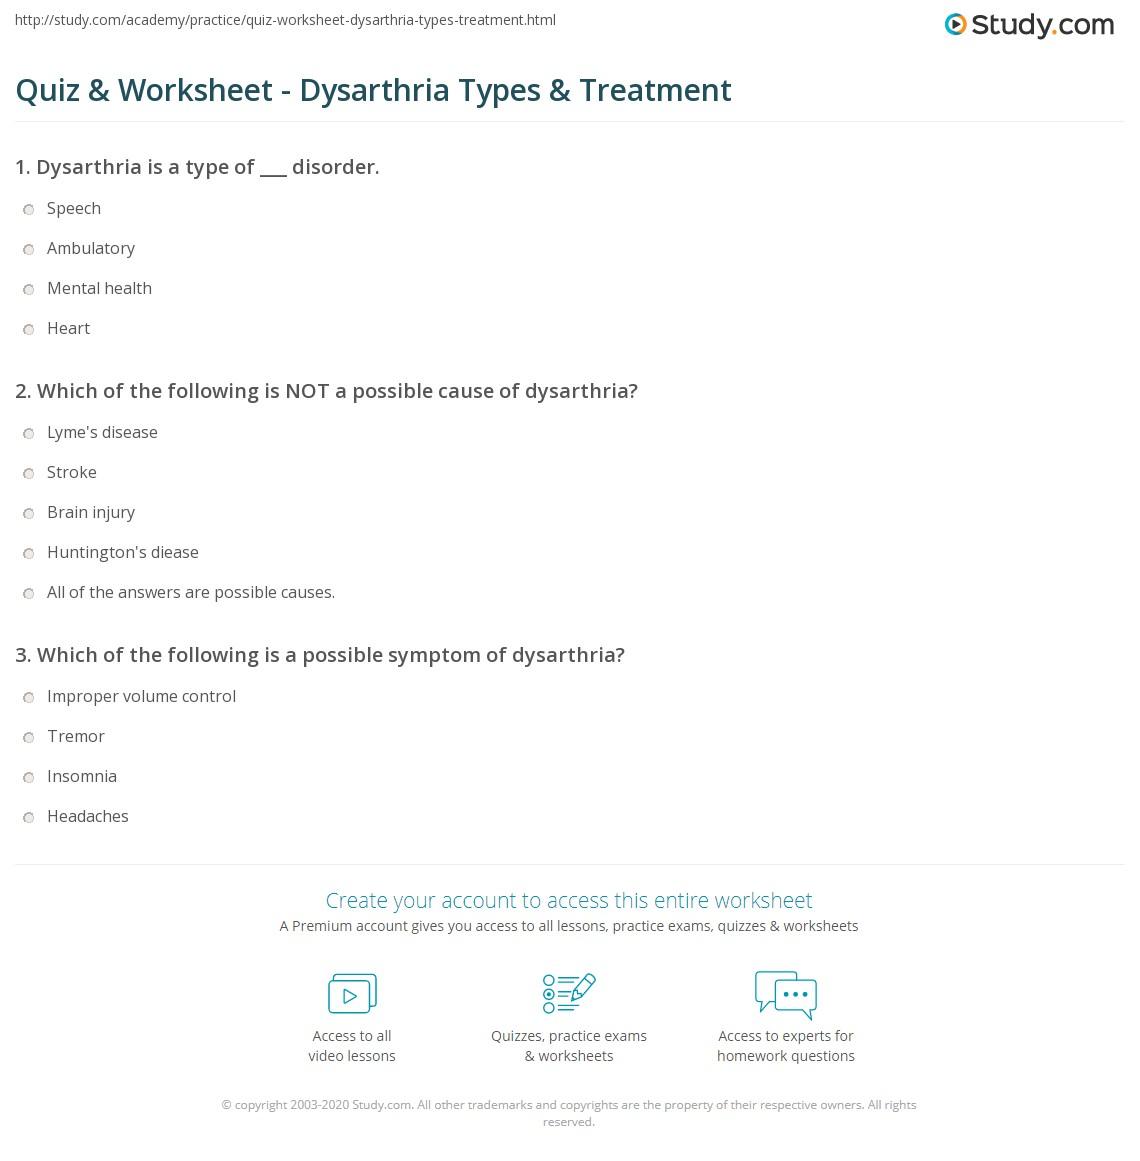 dysarthria definition